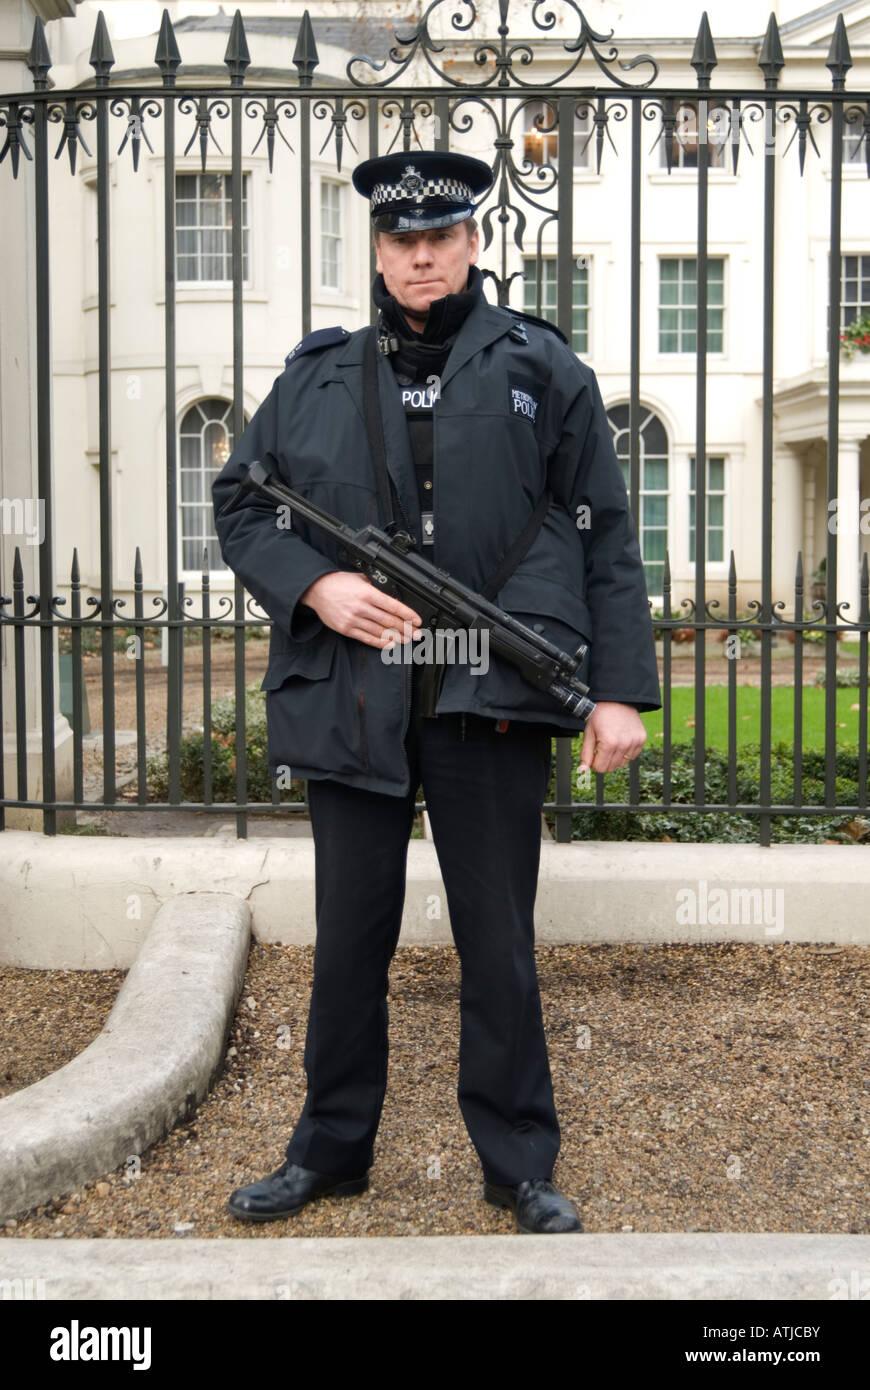 Policía armado sosteniendo un subfusil Heckler y Koch, Londres, Inglaterra Imagen De Stock